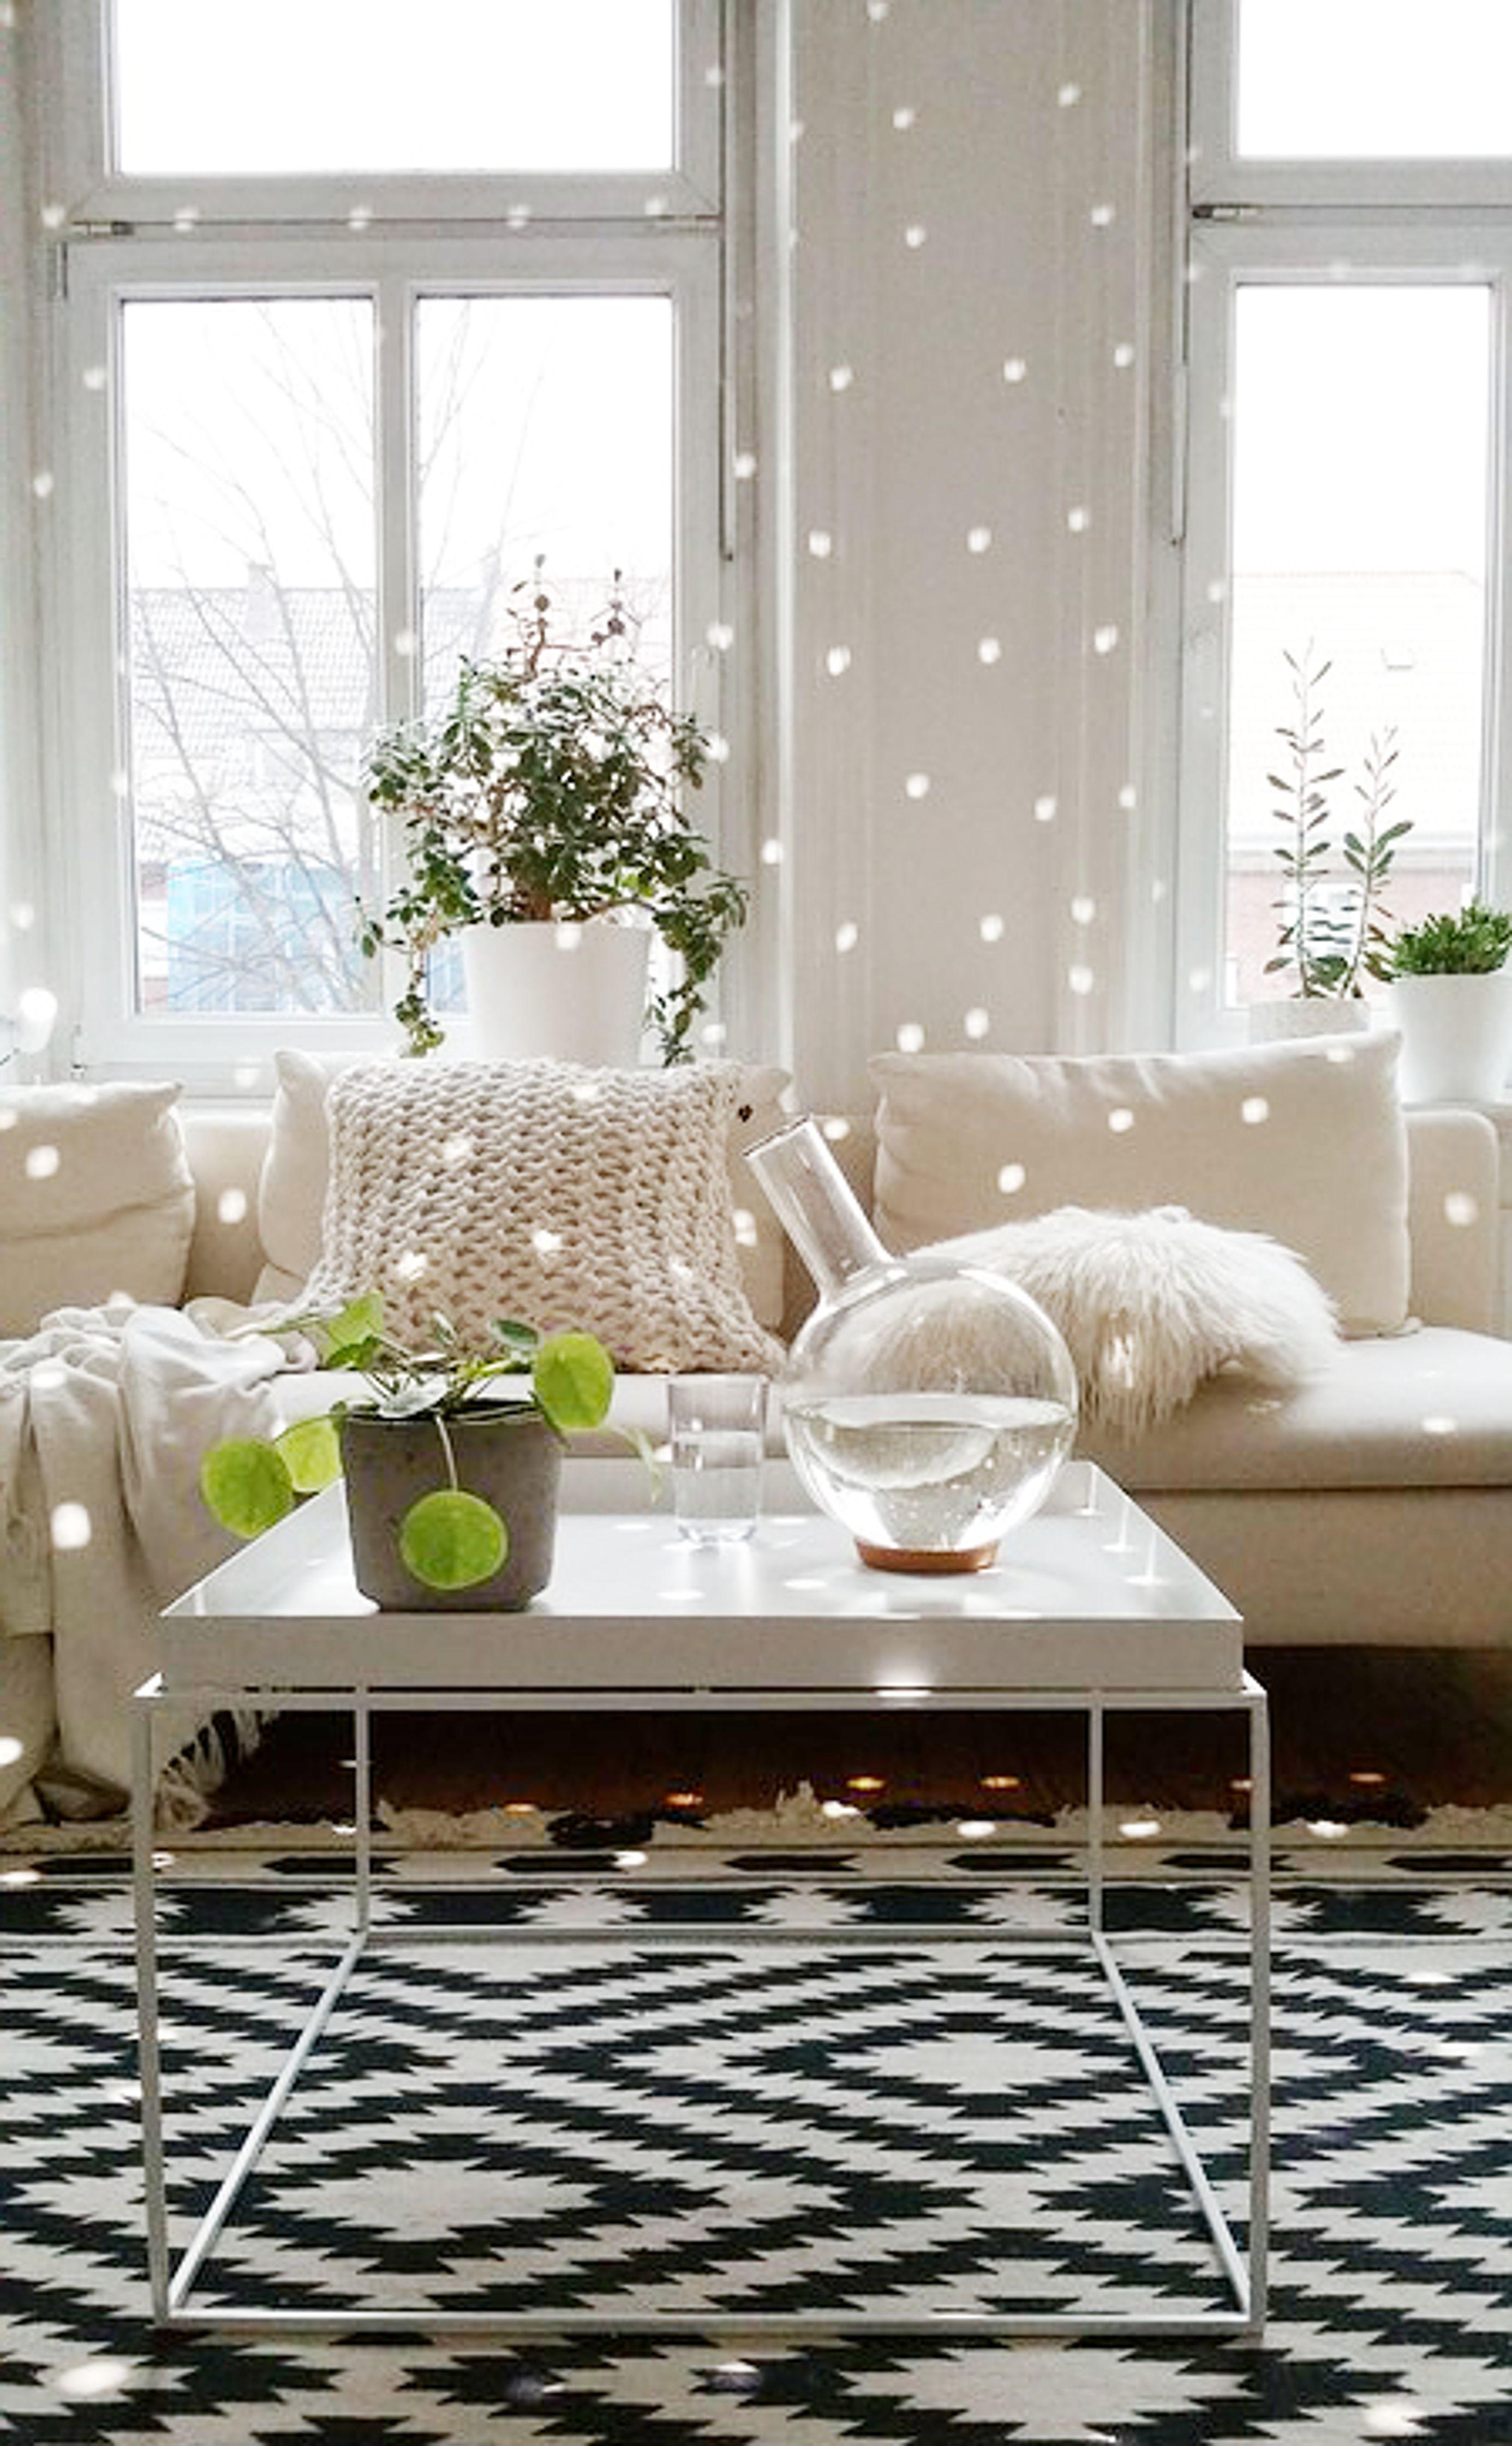 Wohnzimmer, Hay, Discokugel, Ikea, Söderhamn, Altbau | Blog ...